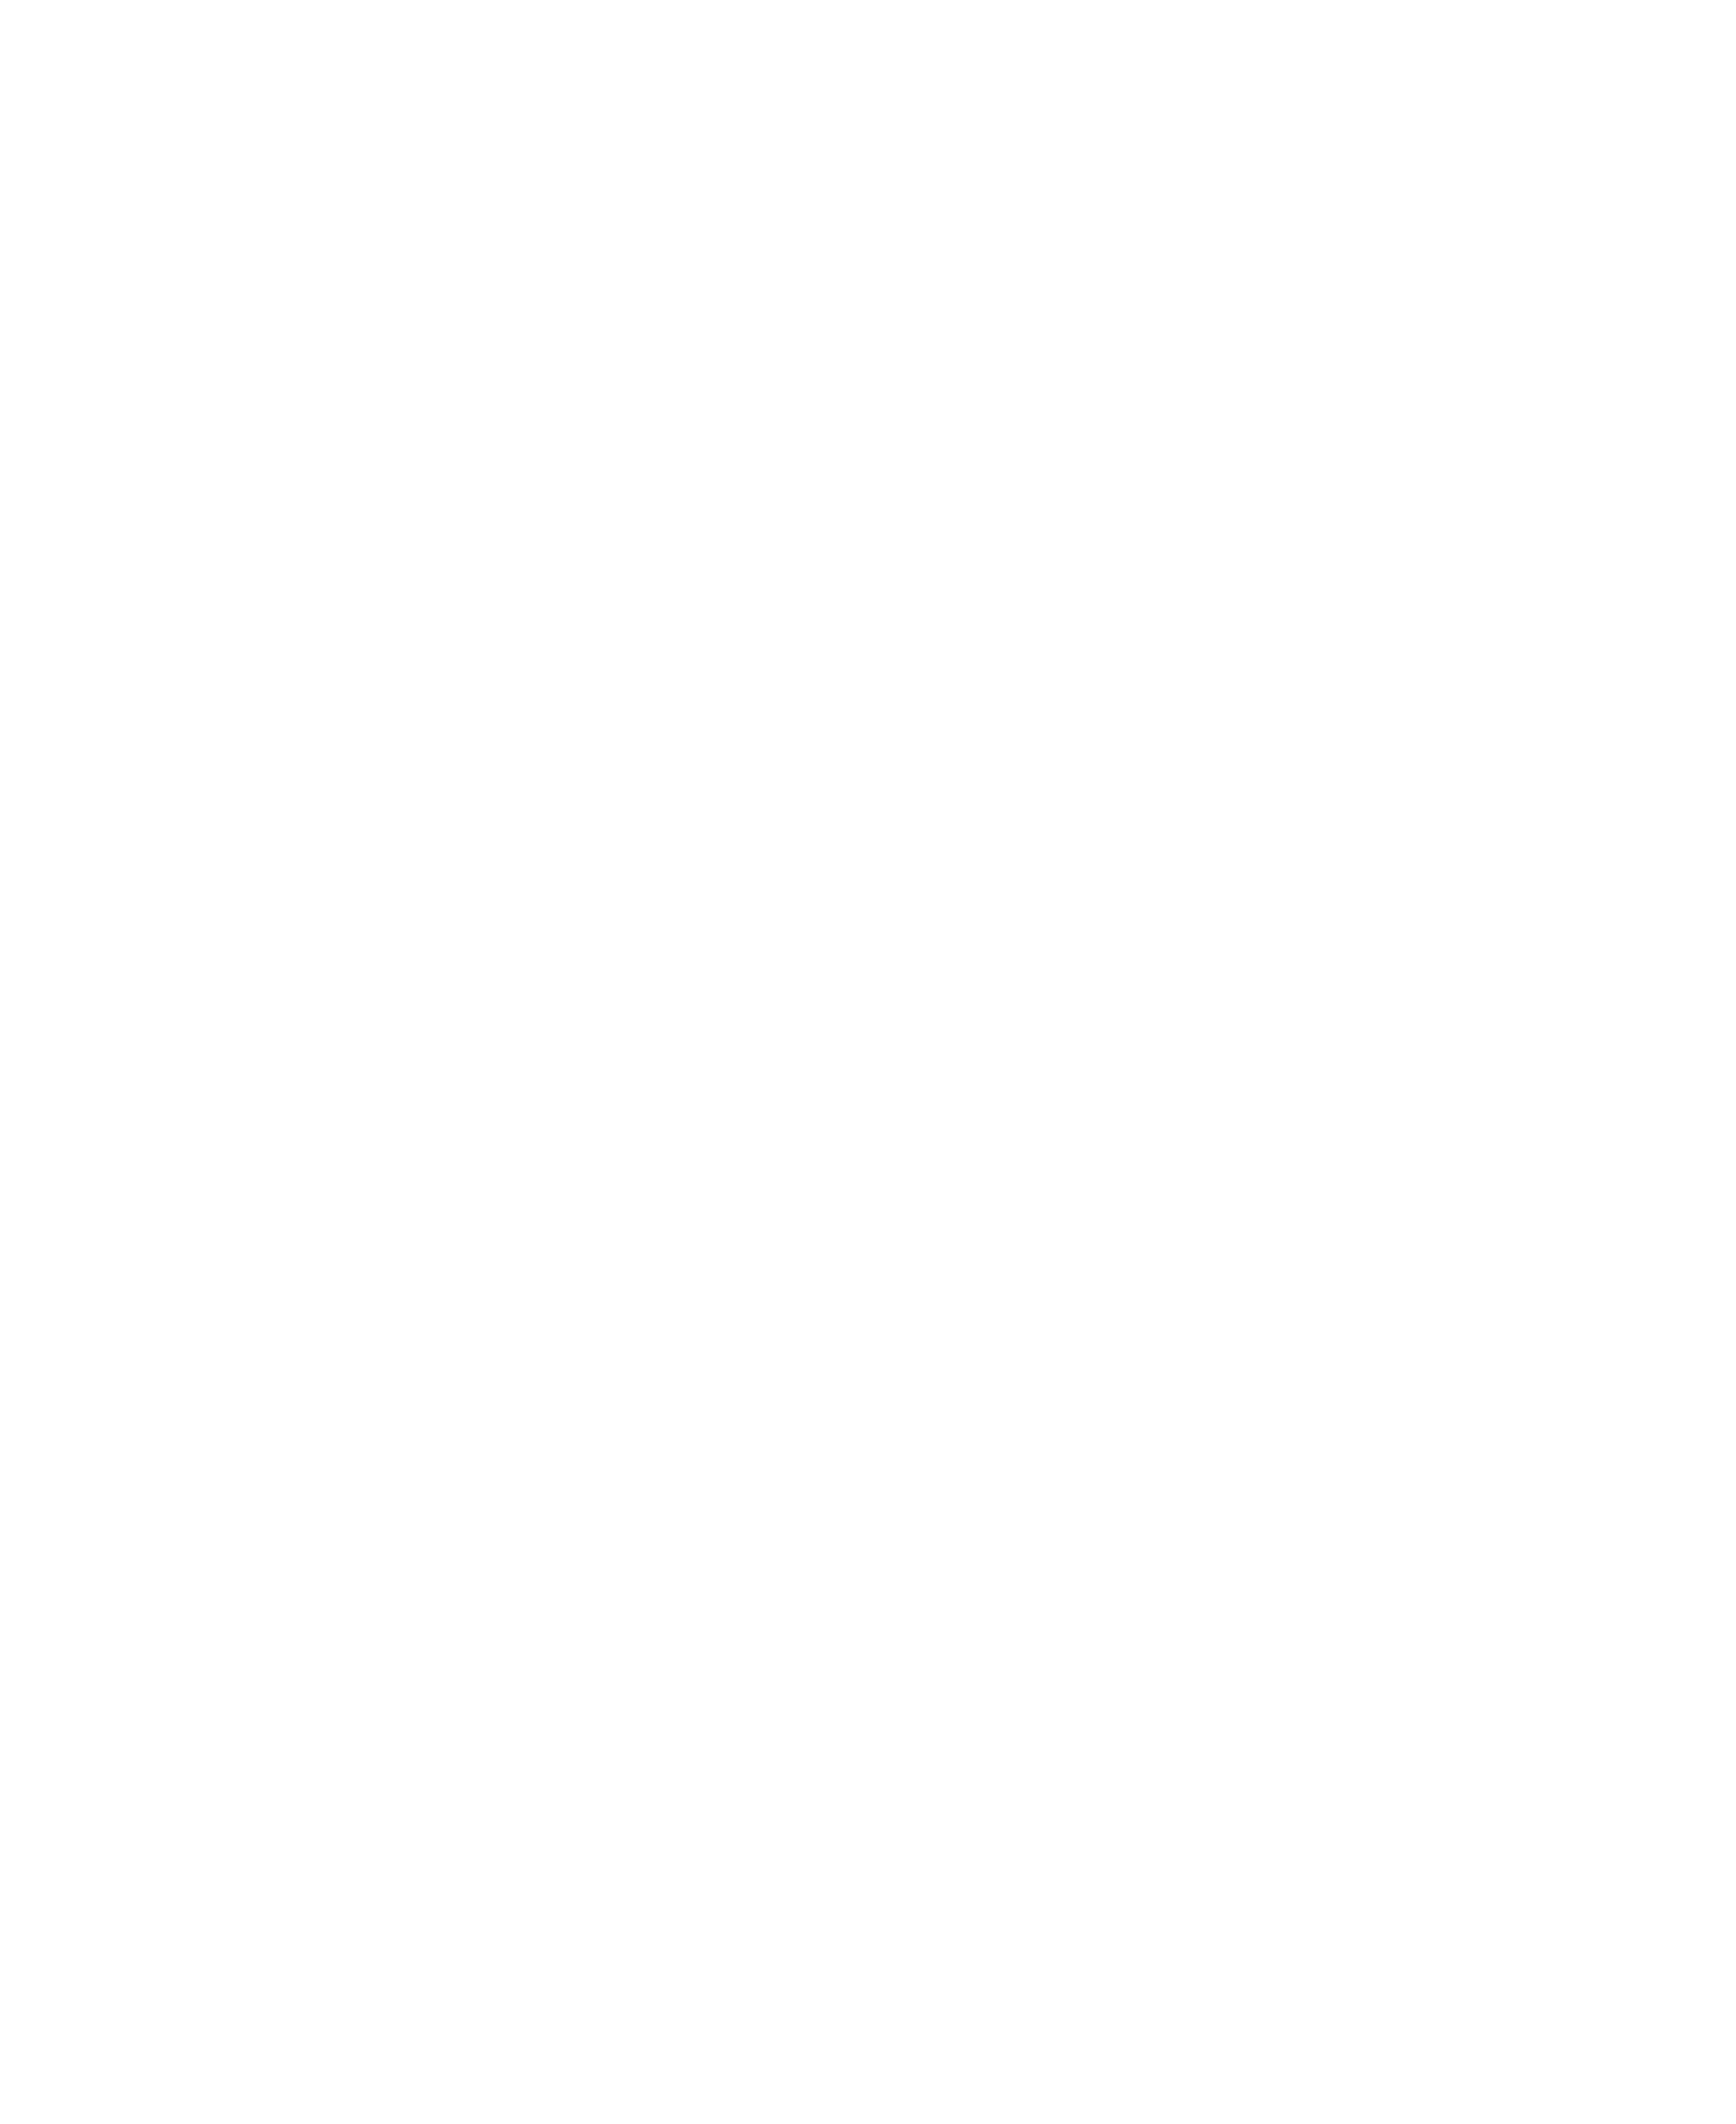 The Boat Yard logo